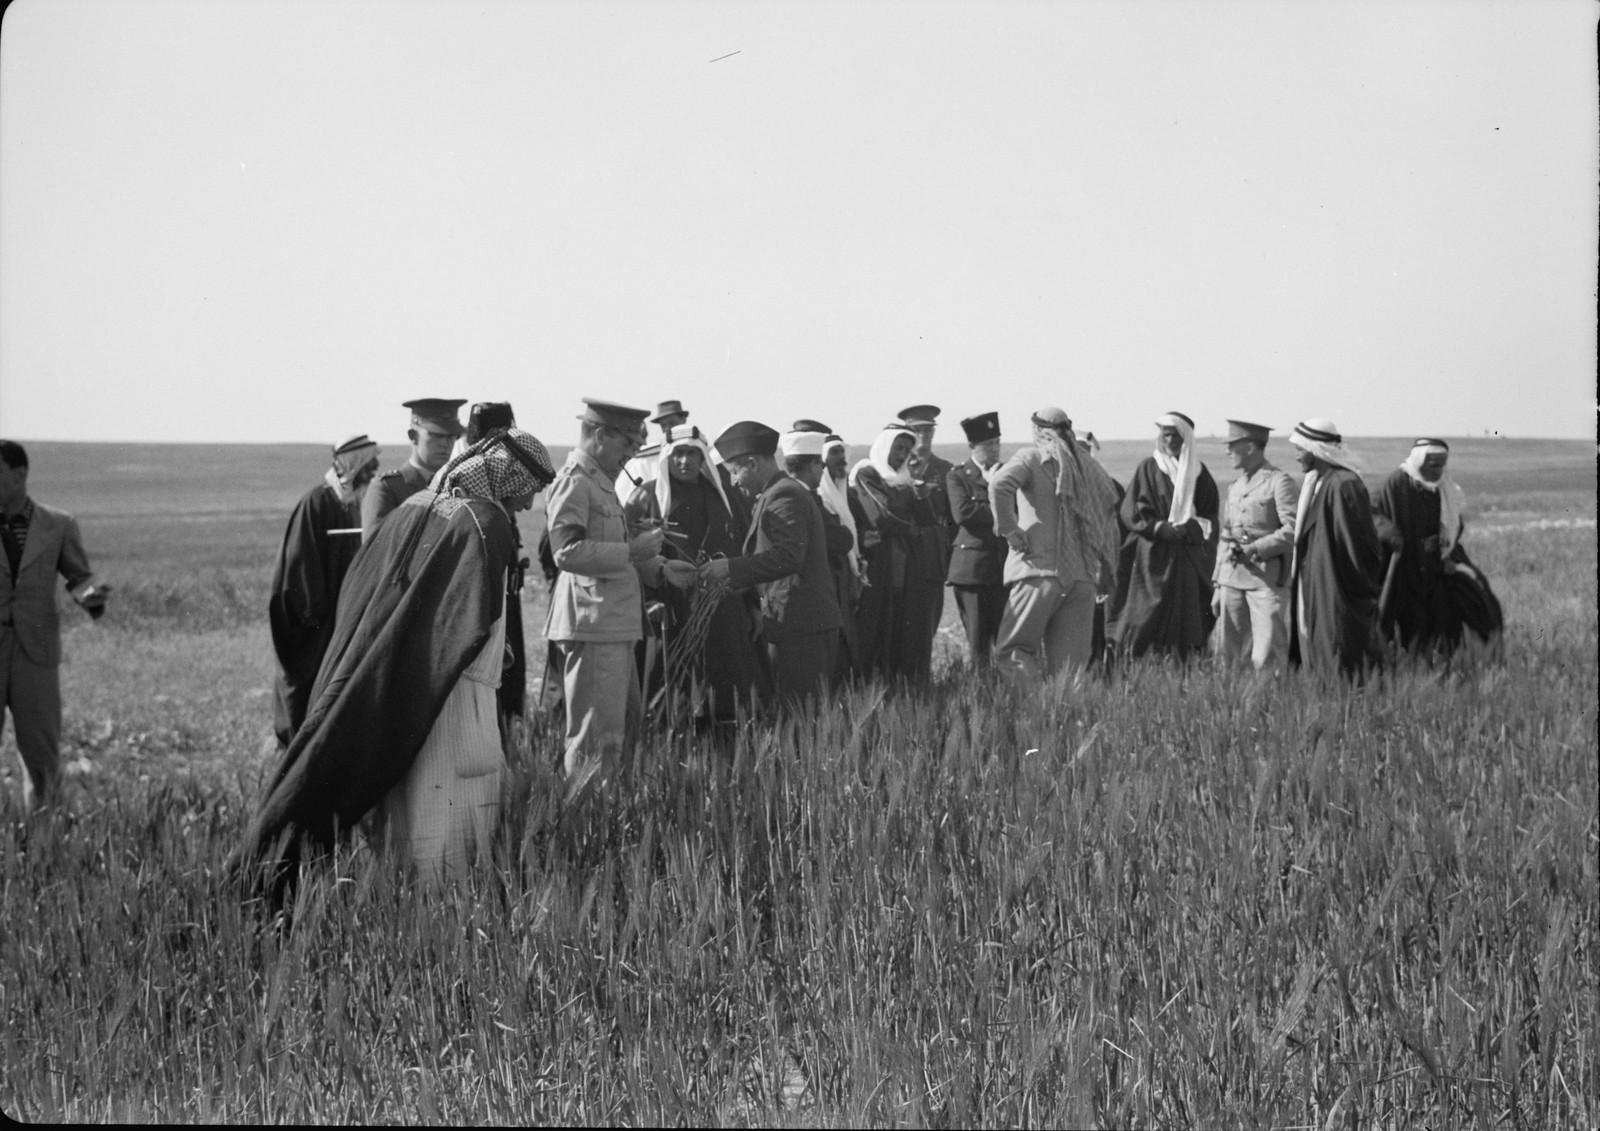 09. Группа гостей в поле слушает лекцию